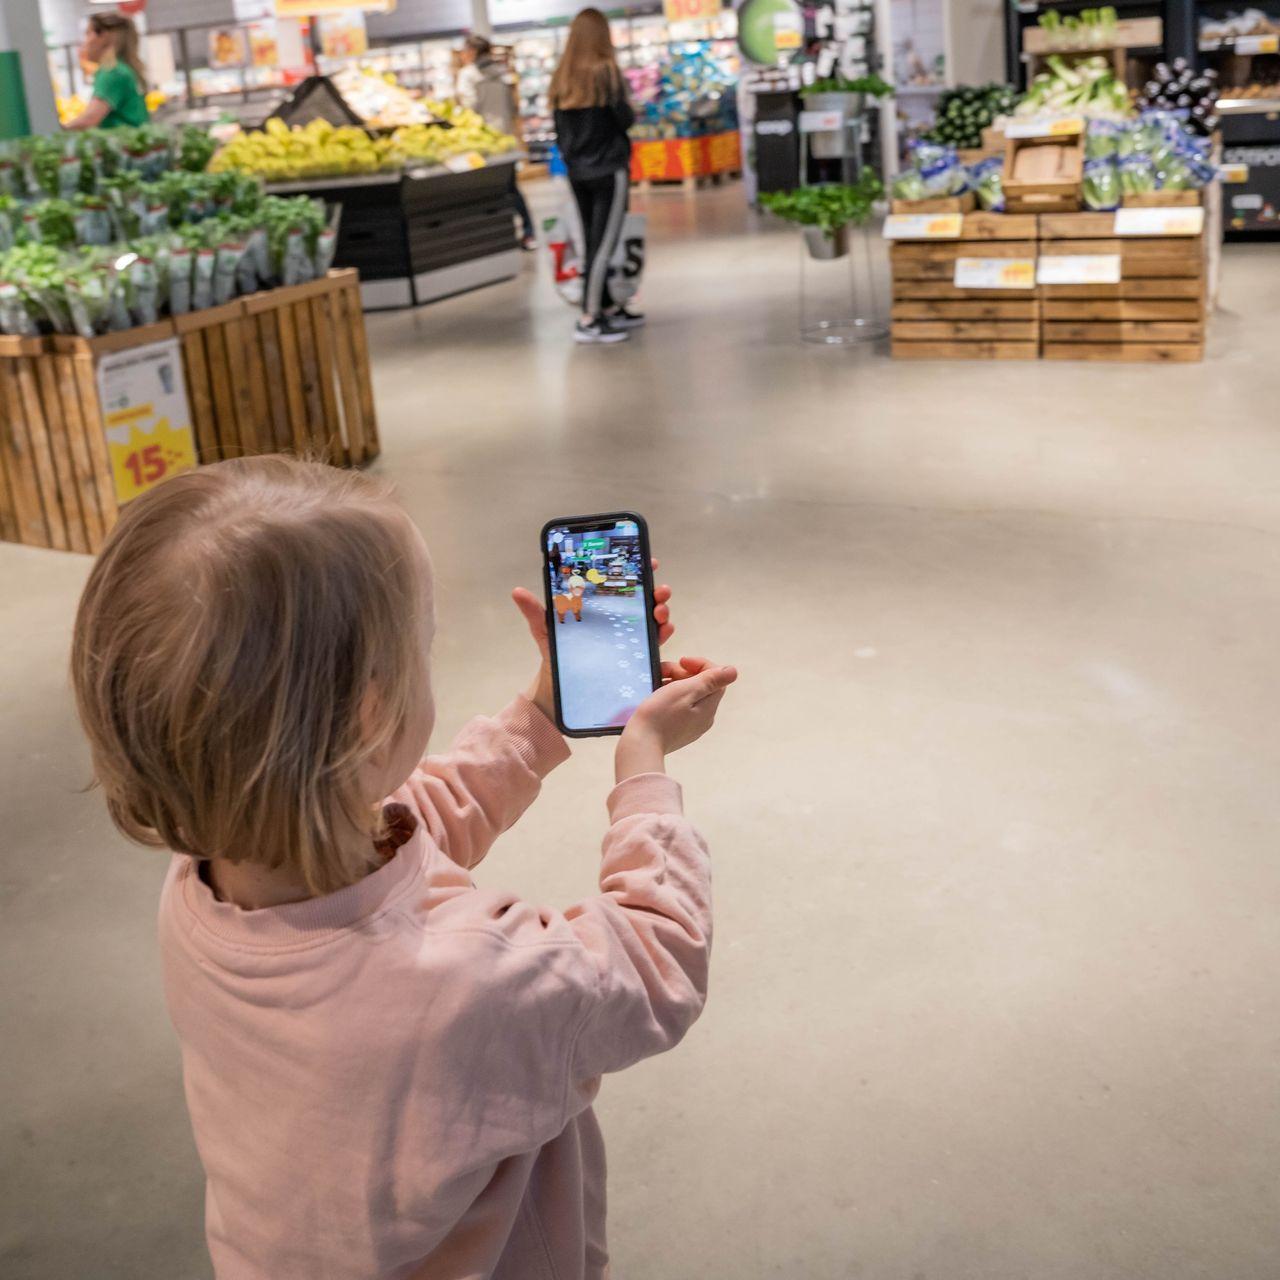 AR-spel ska göra det roligare för barn att handla